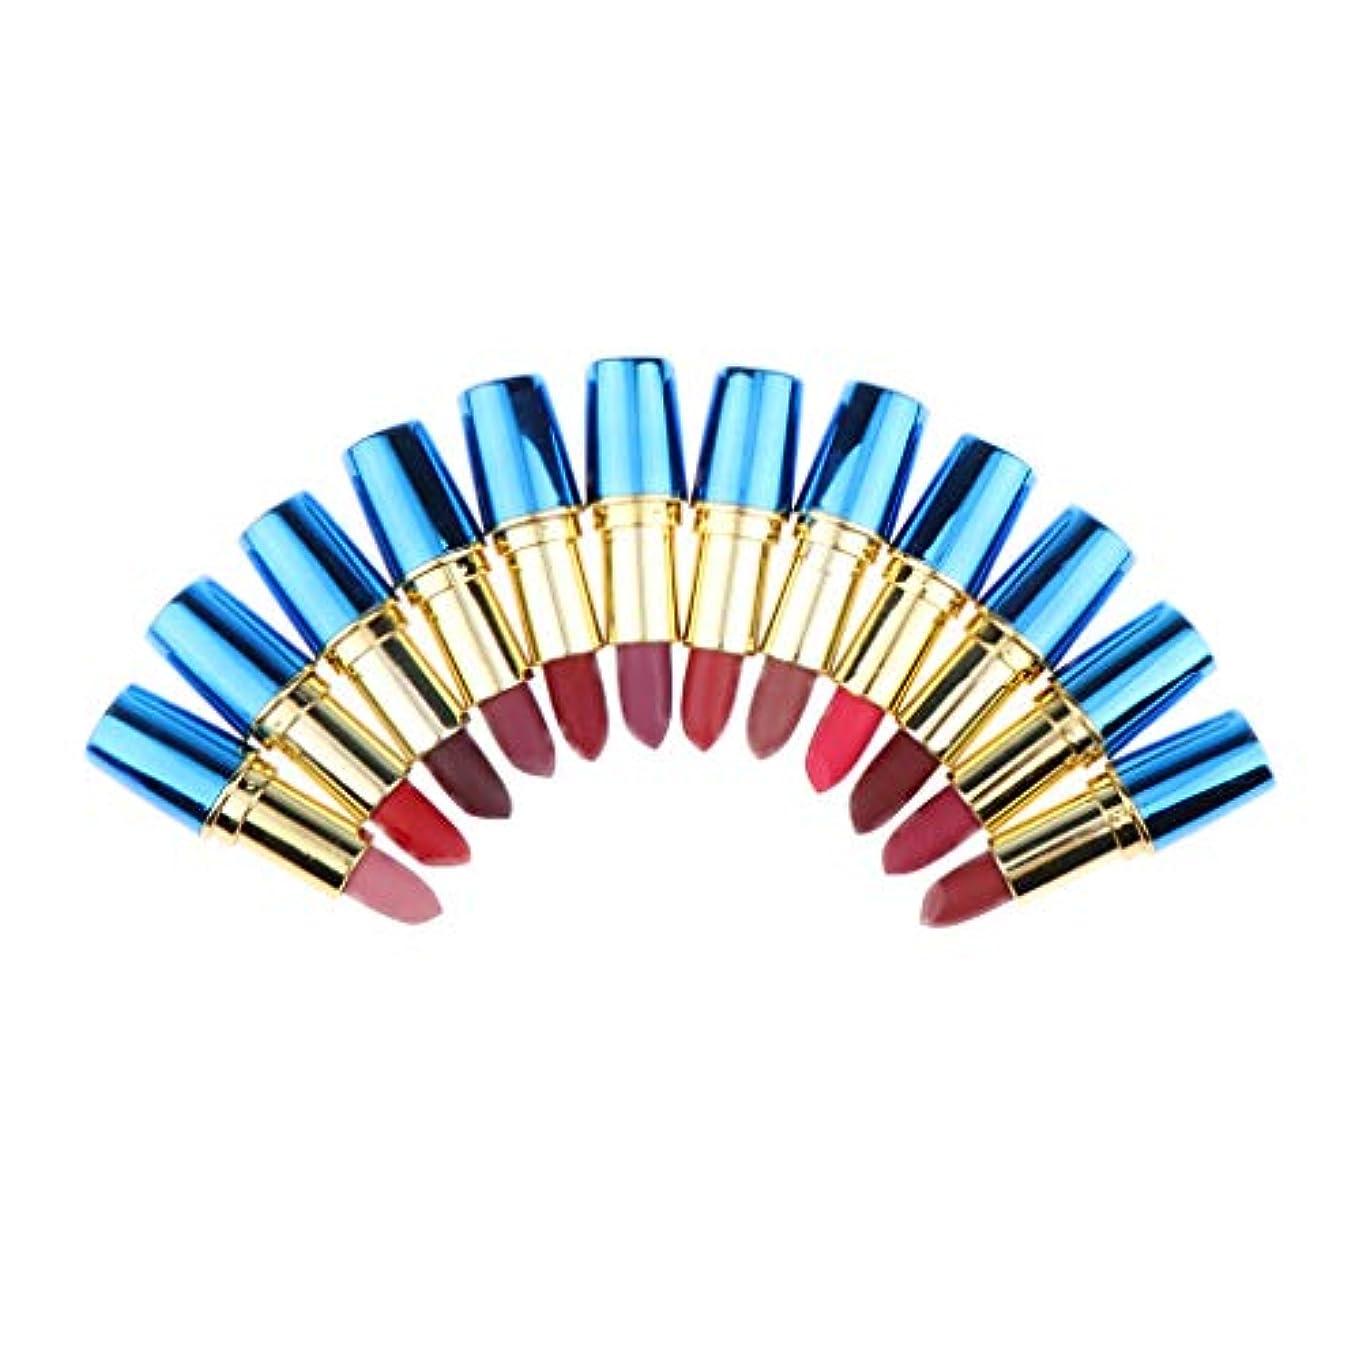 説明的手つかずの操作マットリップスティックセット 口紅 唇メイク 12色 交換部品